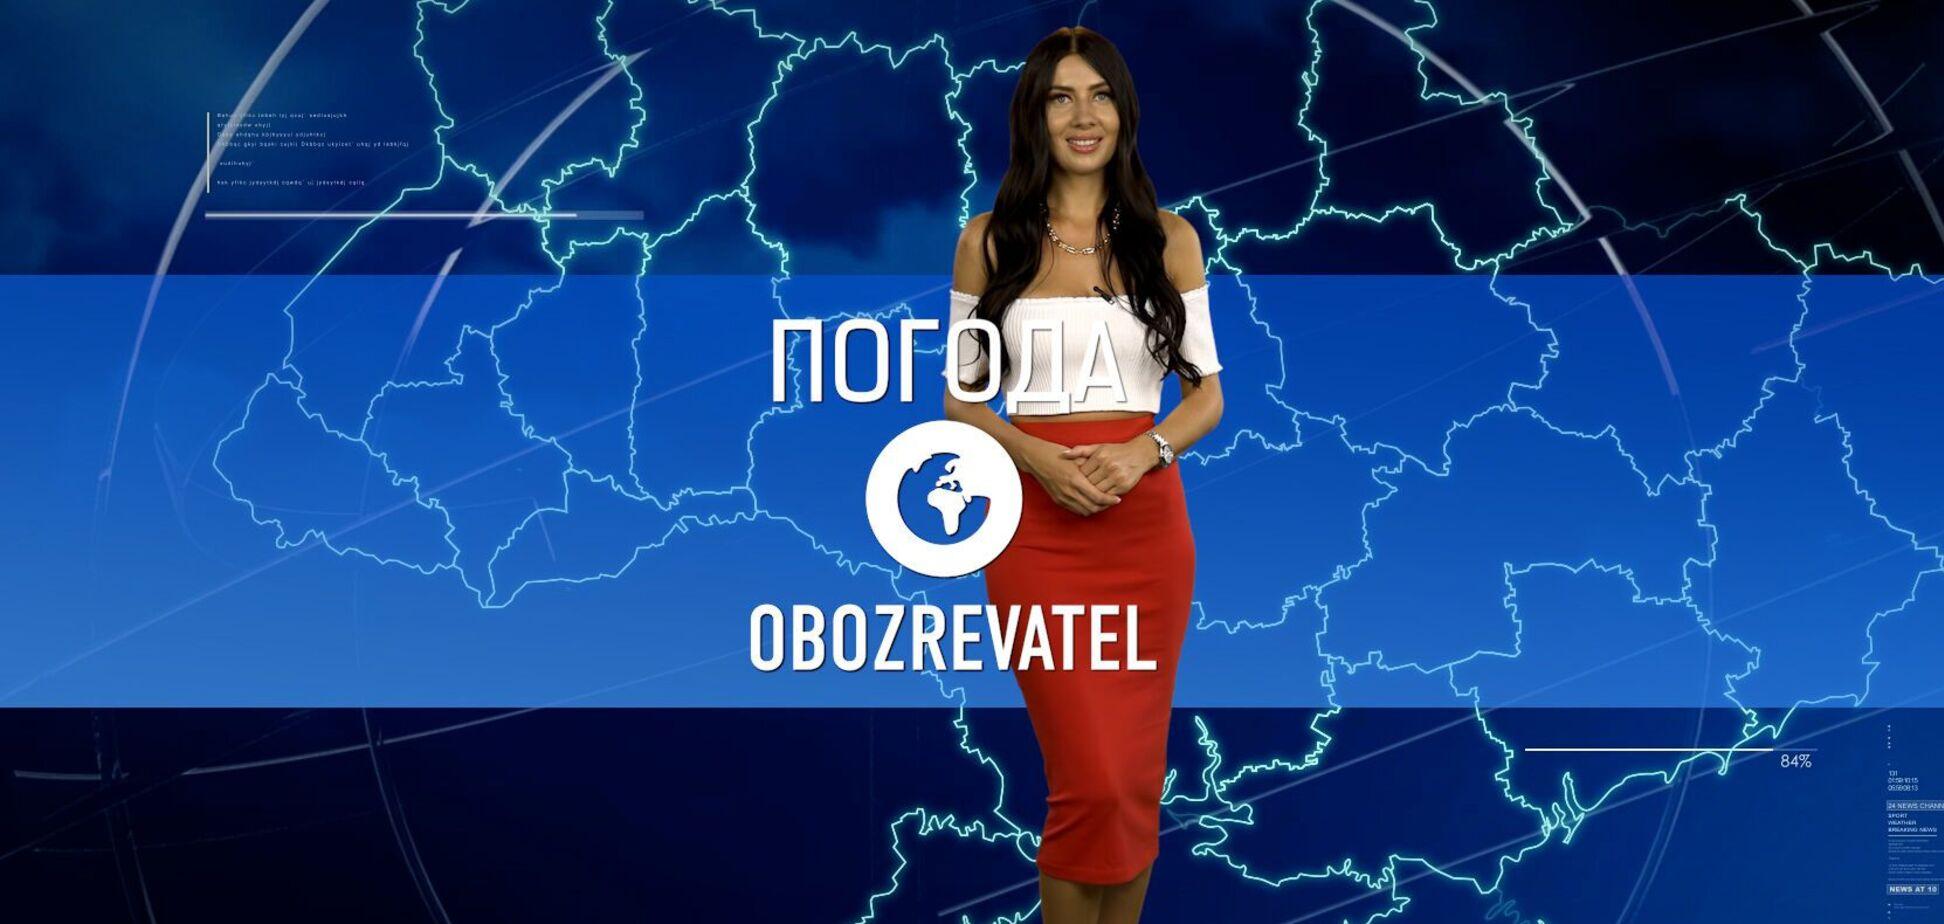 Прогноз погоды в Украине на вторник, 20 июля, с Алисой Мярковской